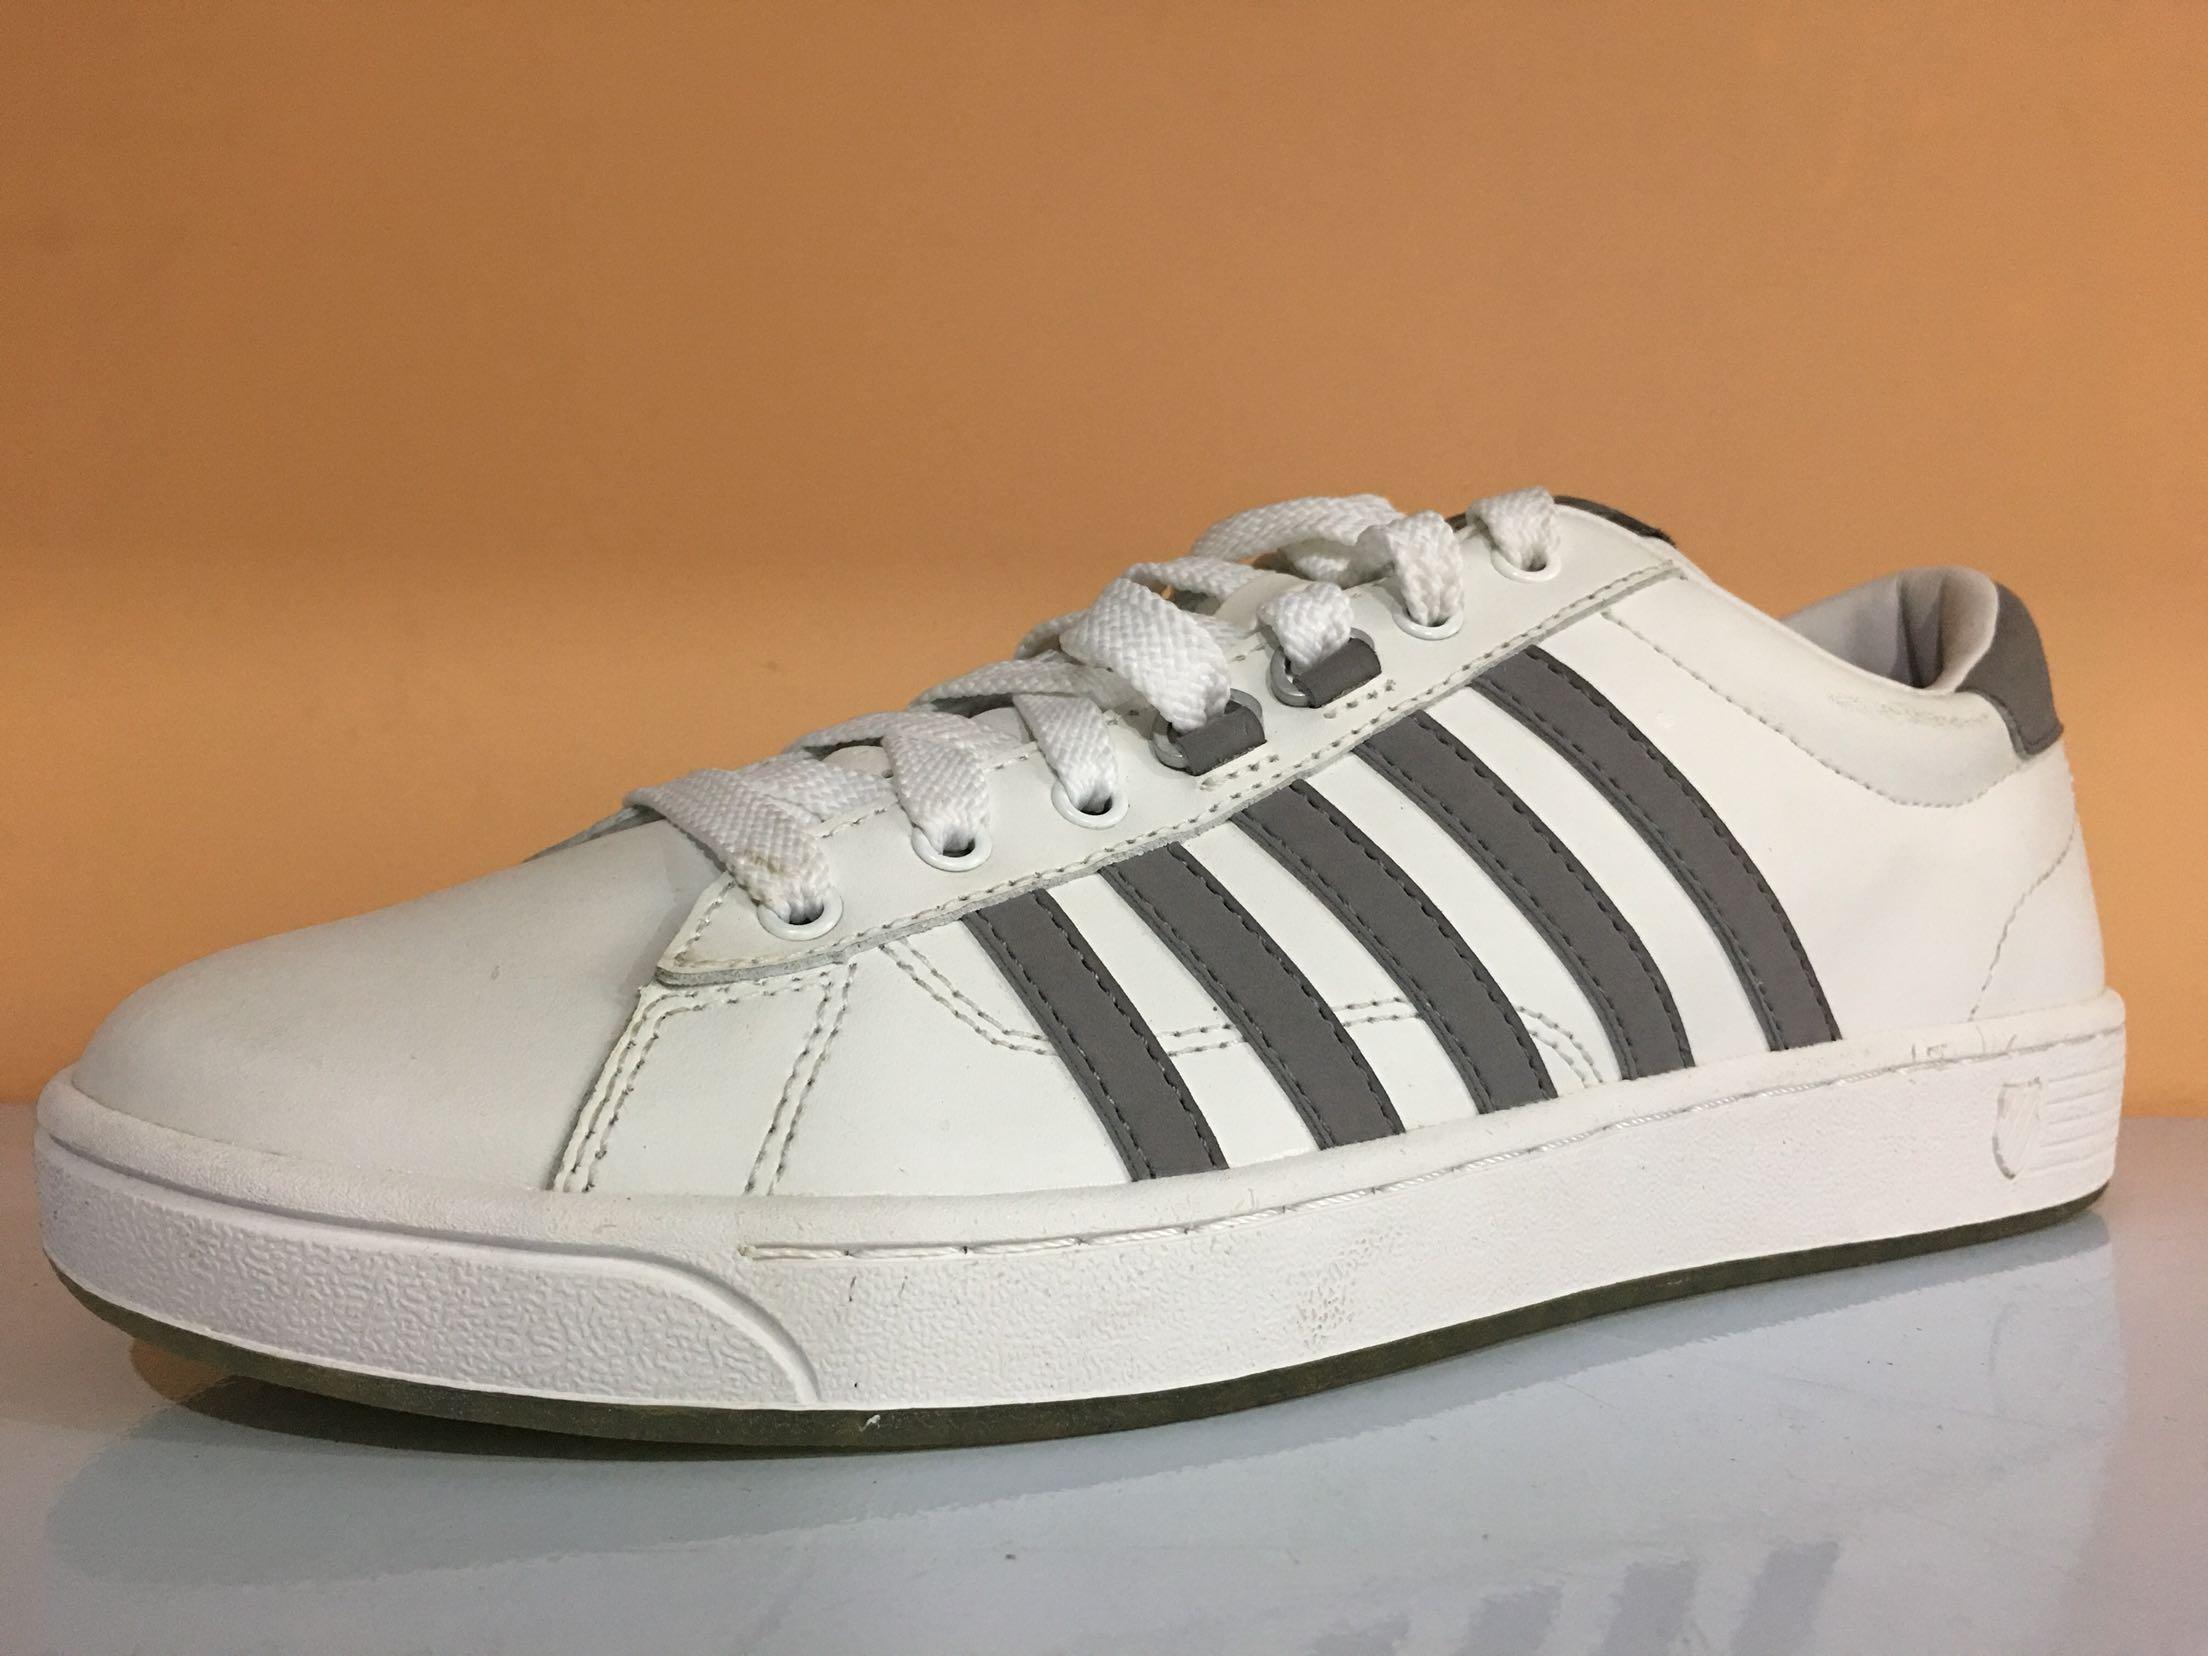 43威时尚百搭耐磨休闲鞋样品鞋牛皮男牛筋底小白鞋s正品海外版盖